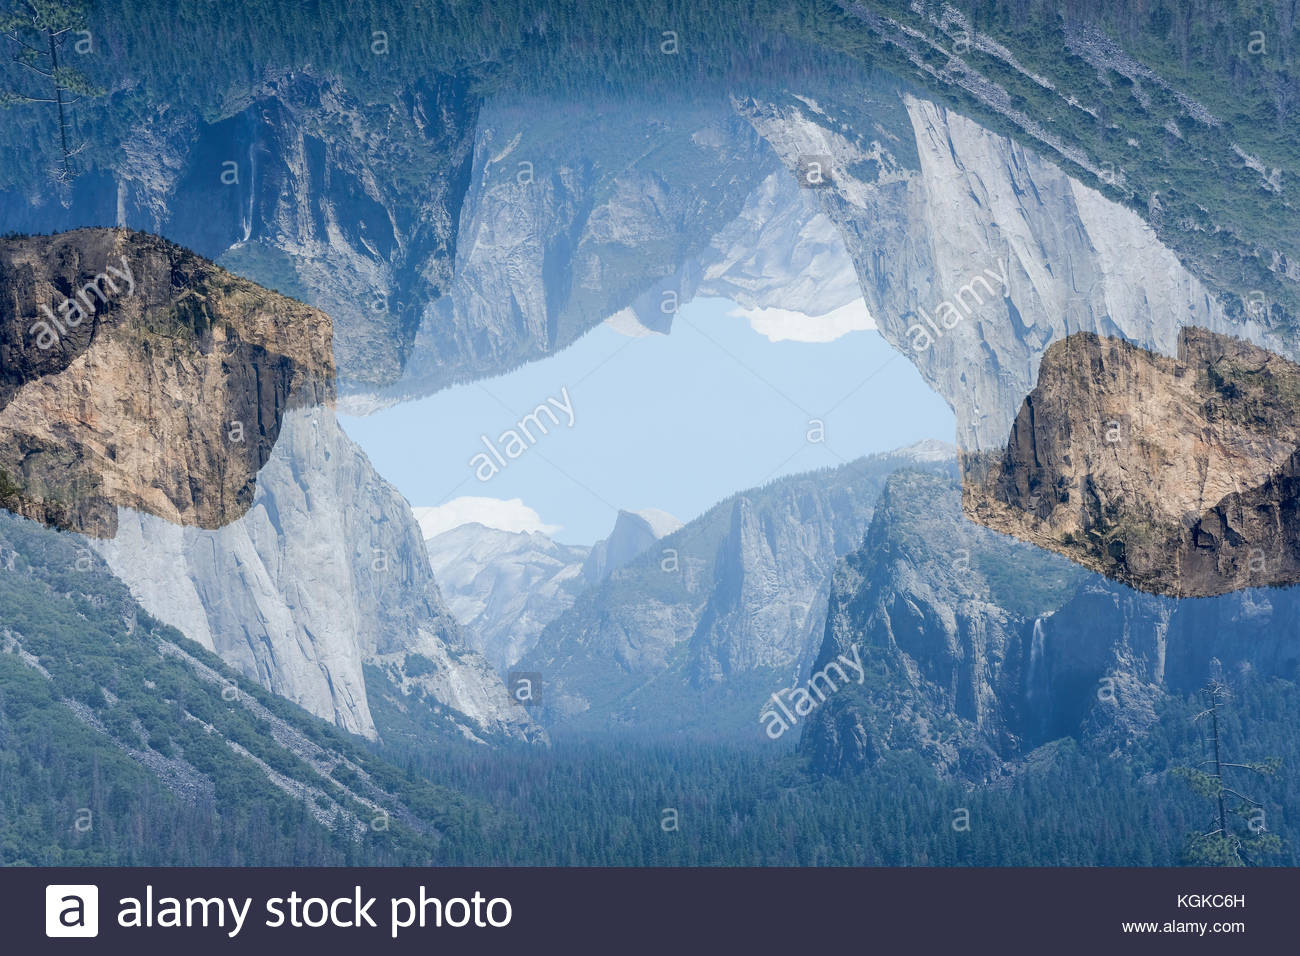 Klettersteig Yosemite : Klettersteig yosemite: schermberg tassilo in Österreich.